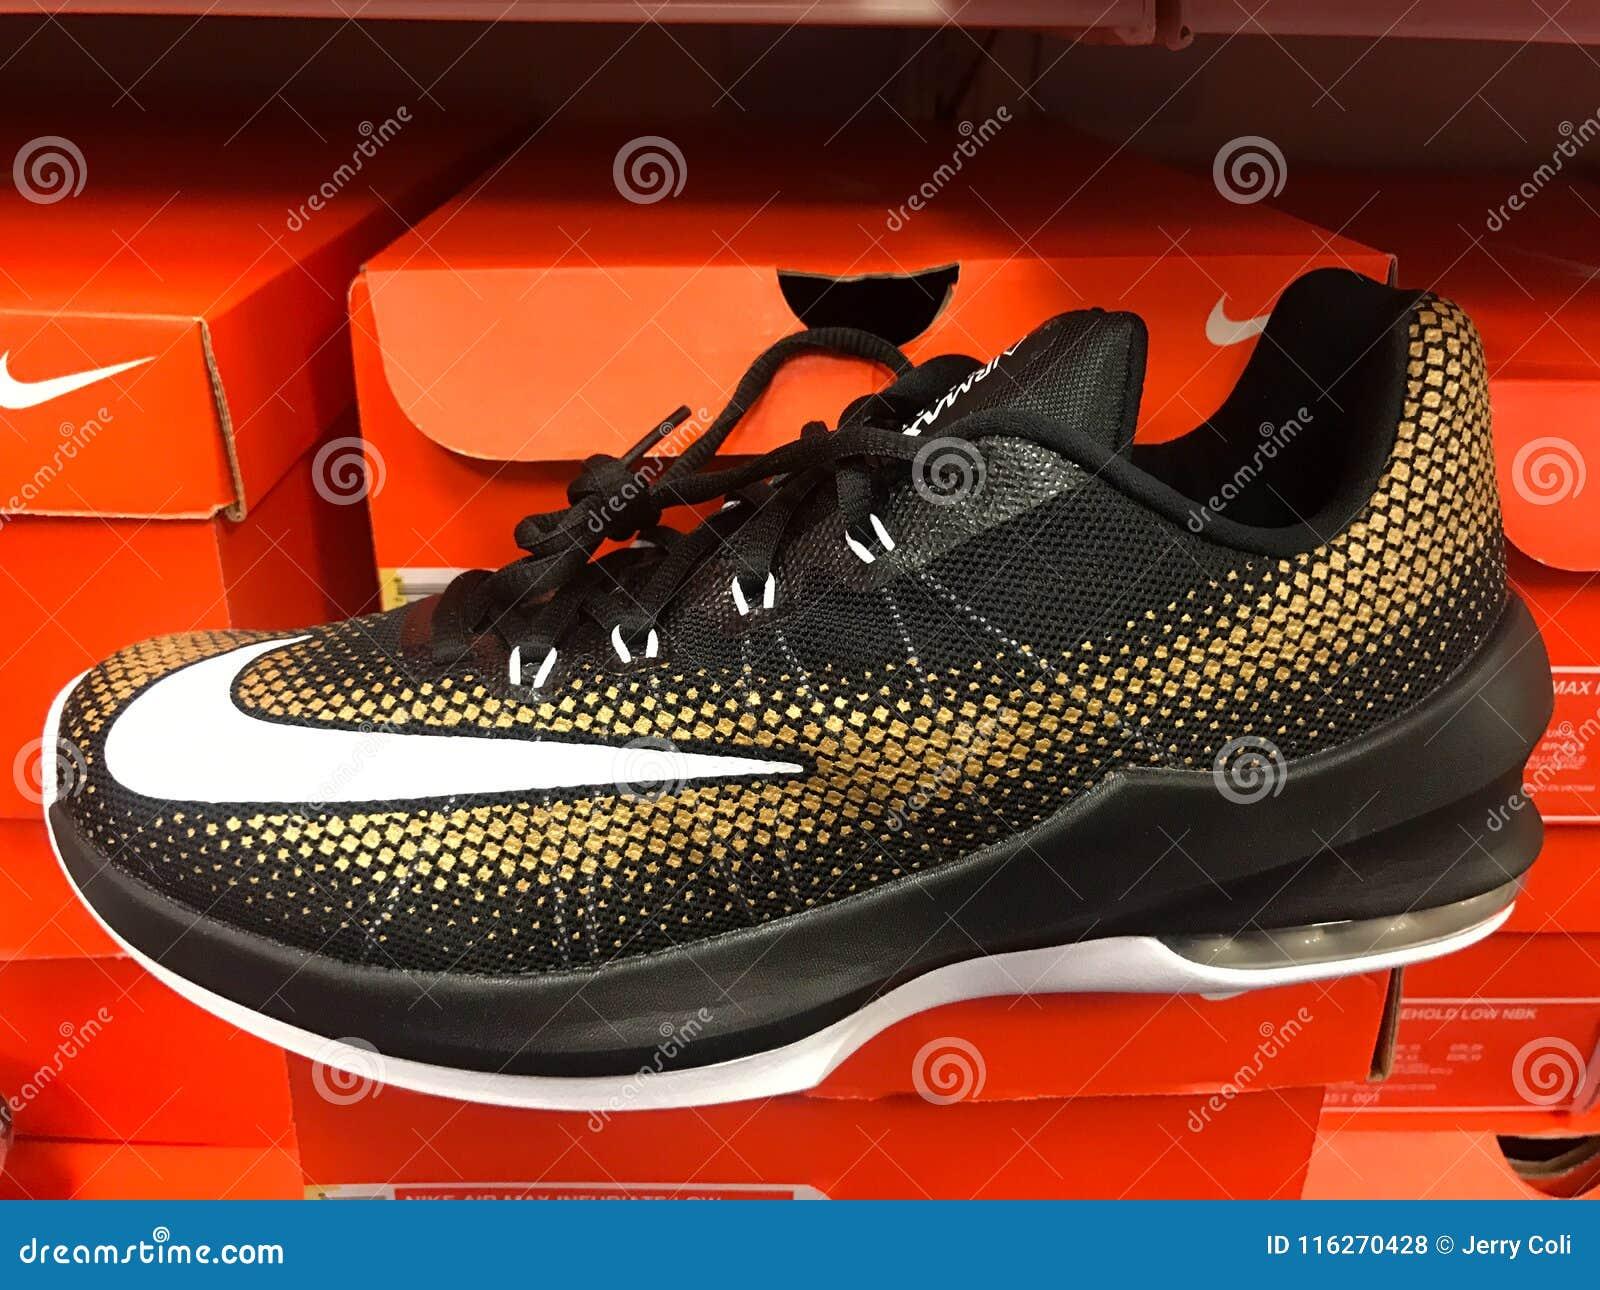 Vendere Di Negozio Un Nike Da Fotografia Sneakers Stock Ad Scarpe W1xfFO